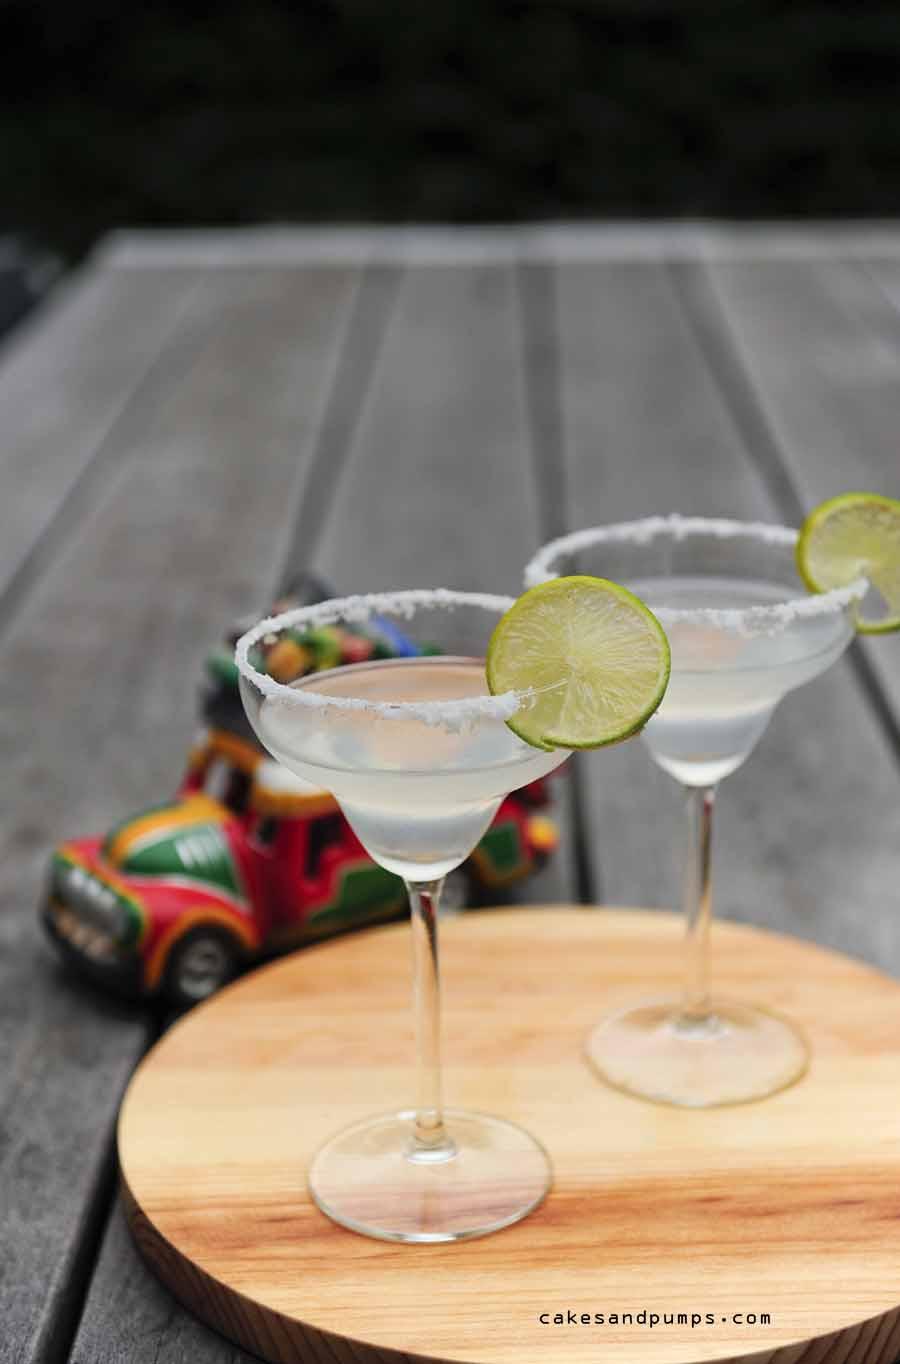 Recept voor Margarita cocktail voor cocktail Friday op cakesandpumps.com